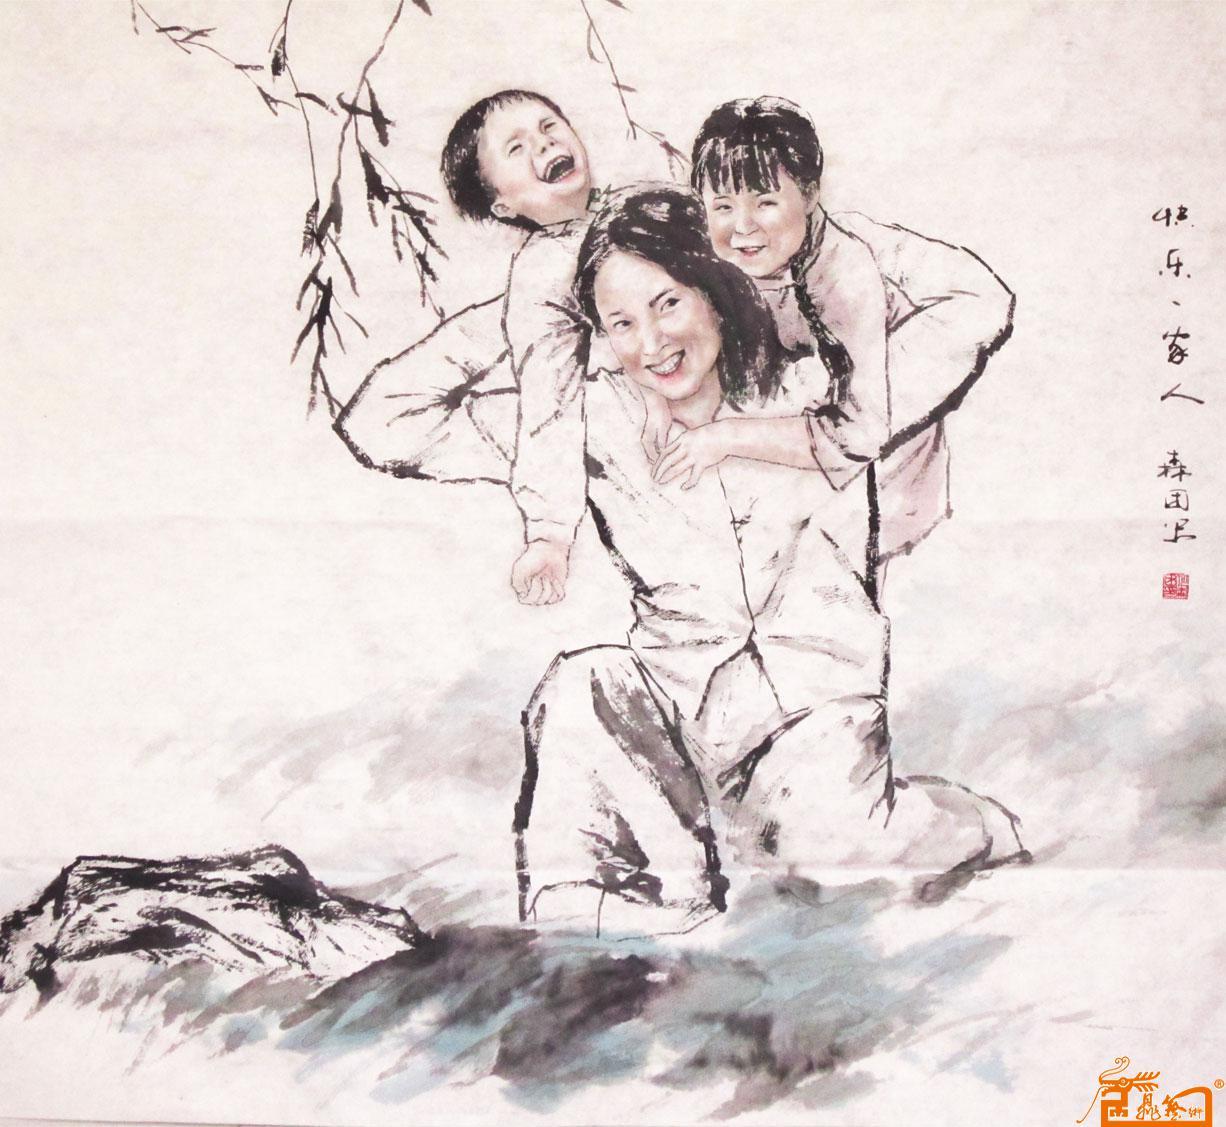 何森团-快乐一家人-淘宝-名人字画-中国书画交易中心图片